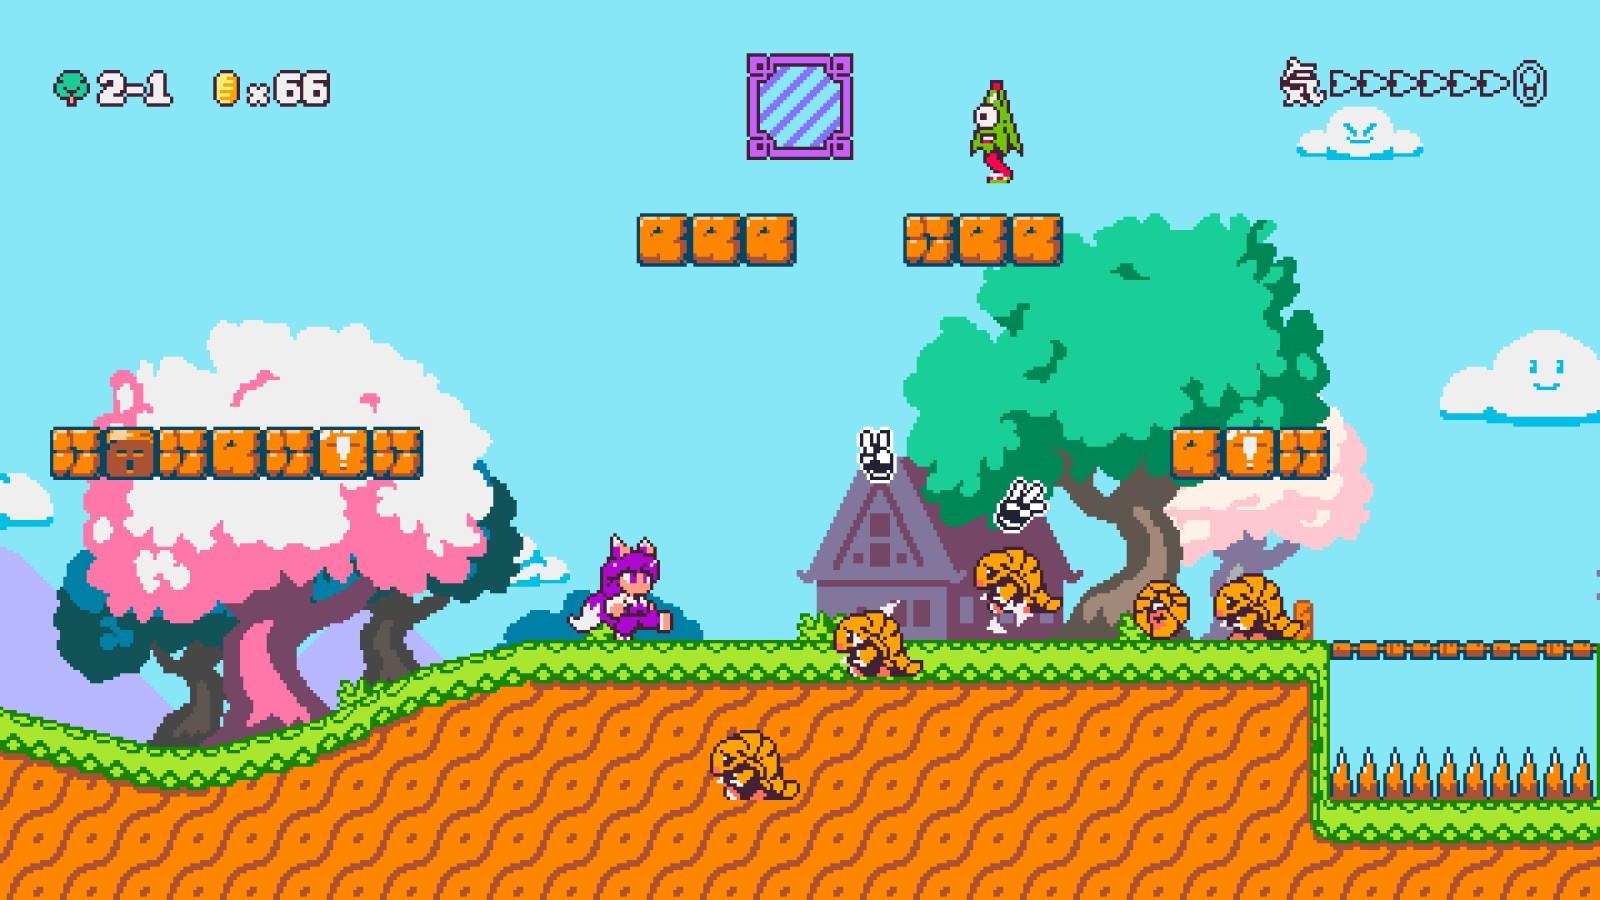 日本神话横版游戏《狐狸尾巴》面向PS5/4/PC公布